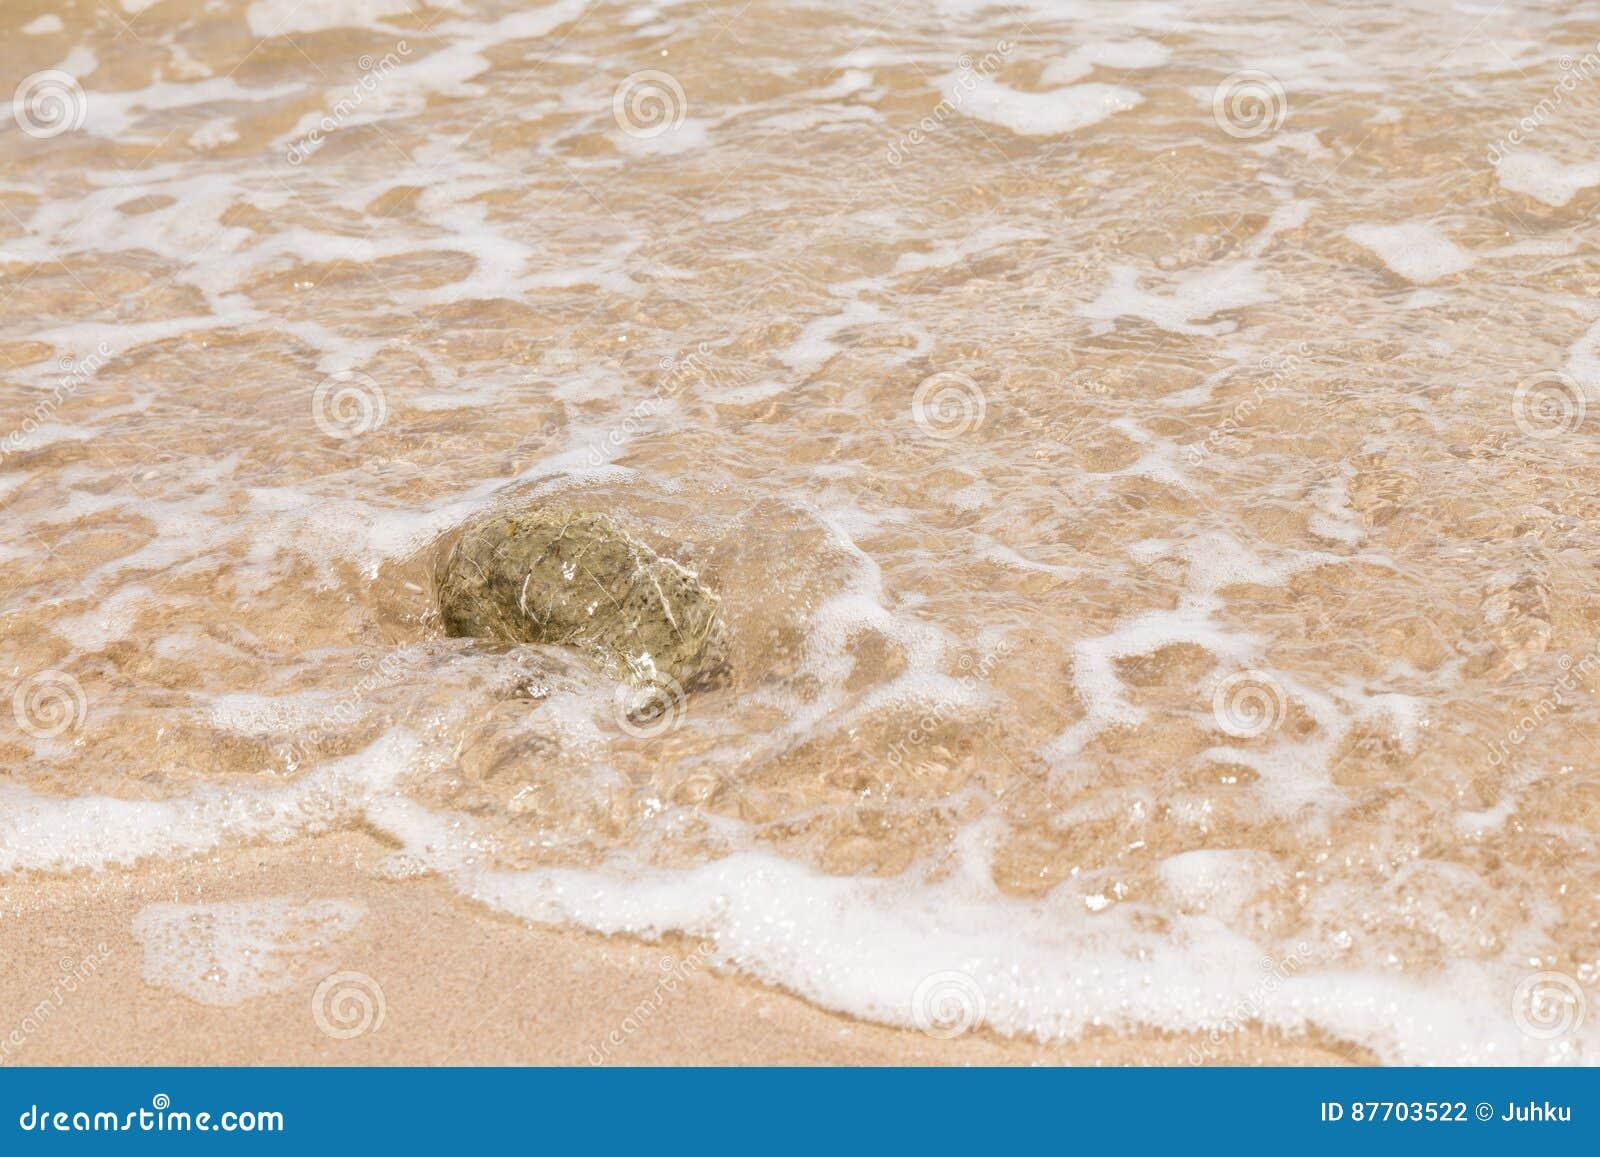 Petite pierre sur la plage de sable